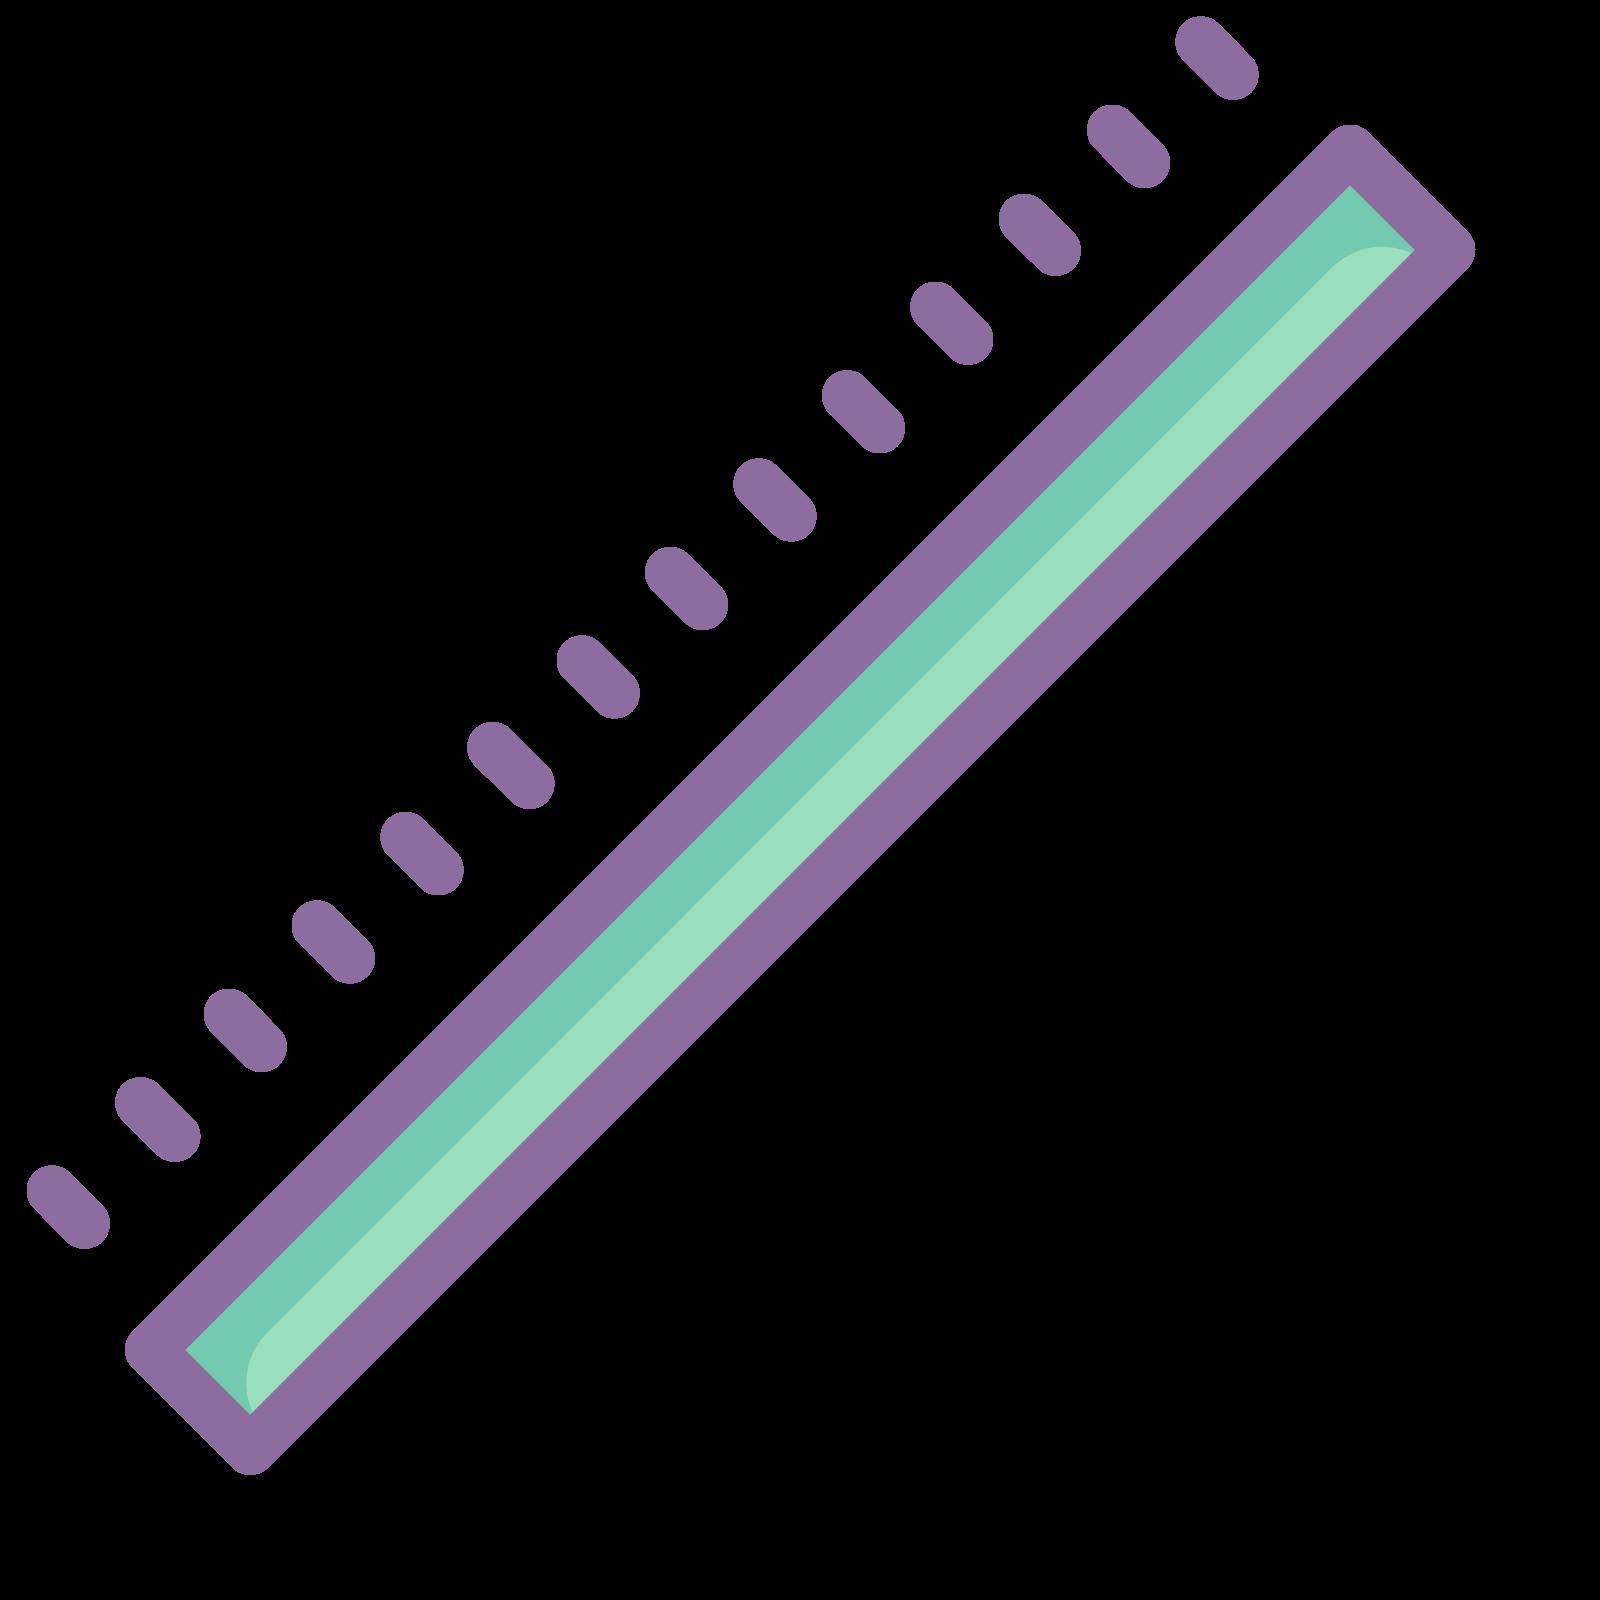 ライン icon. The image is of a line , black/dark on a white background. The line goes from the bottom left to the top right. The line is about an inch and a half in length.